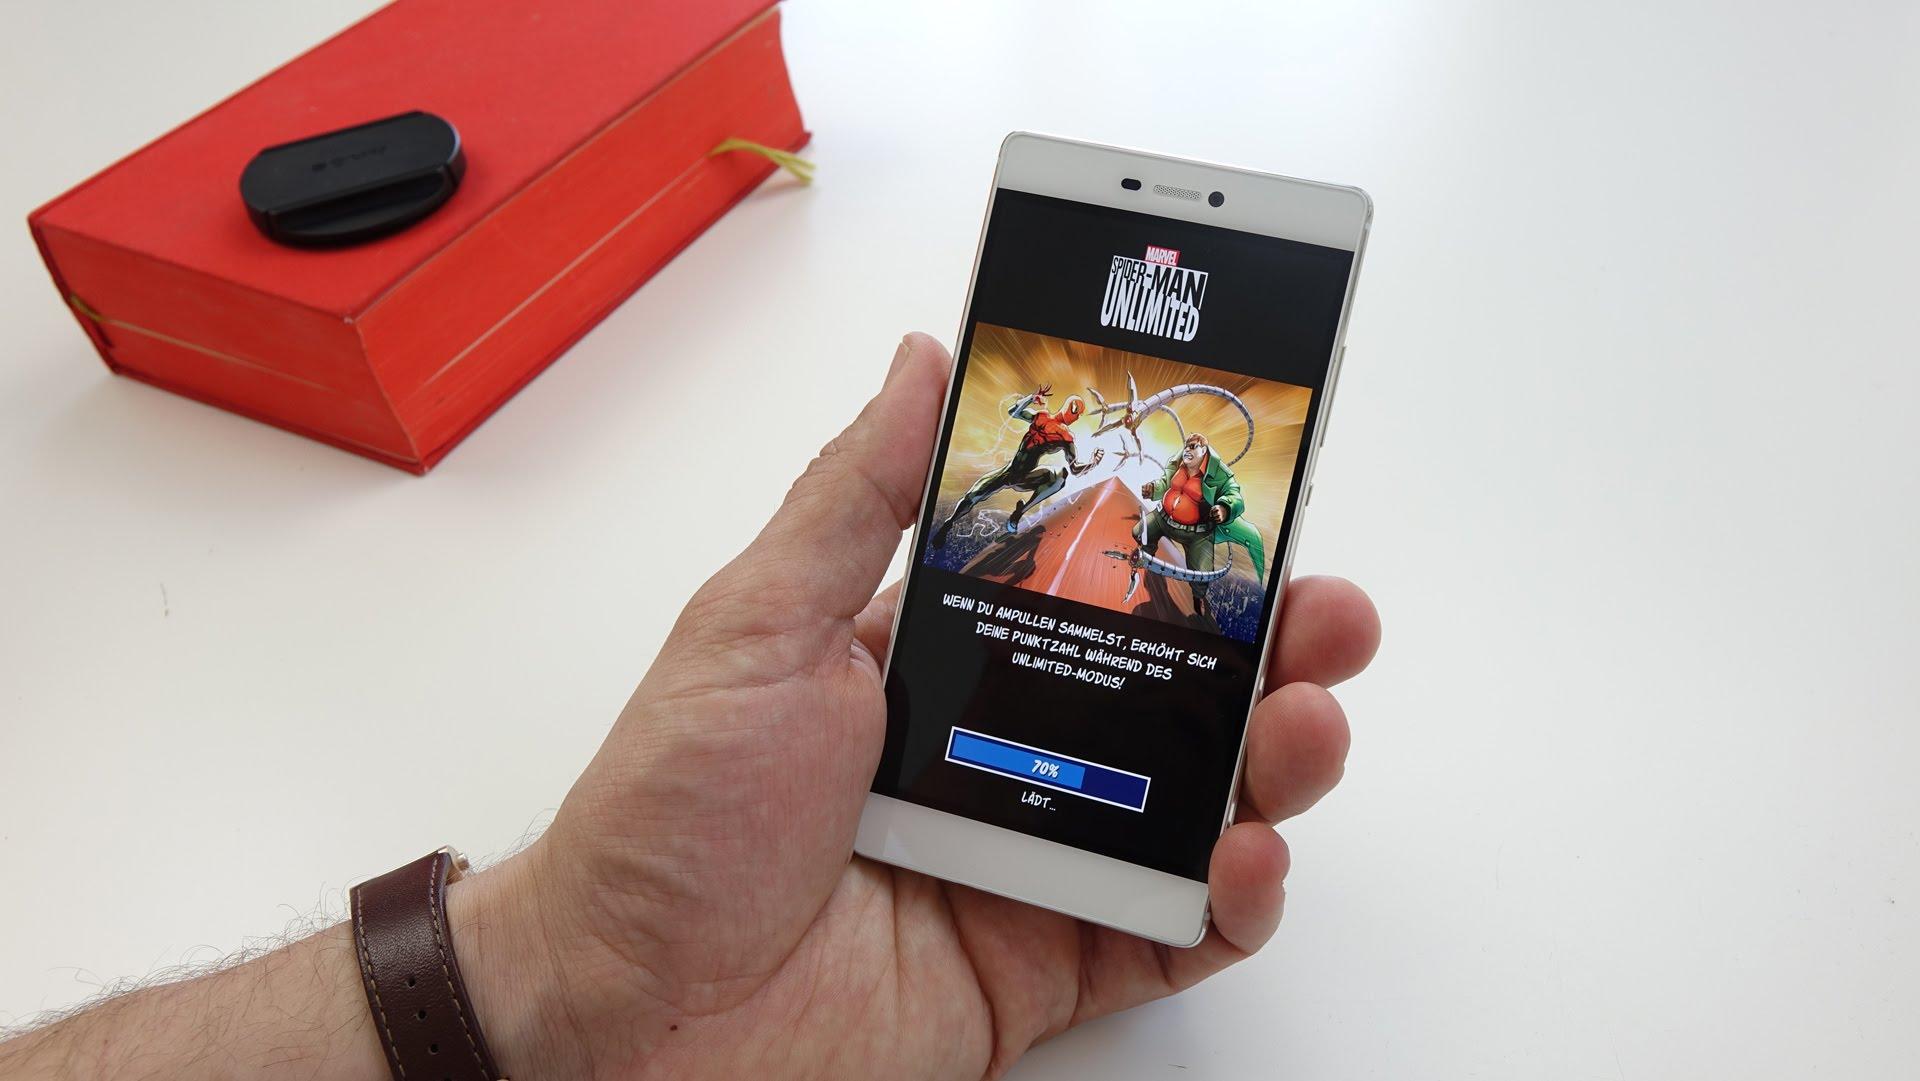 Huawei P8 no tiene un buen performance